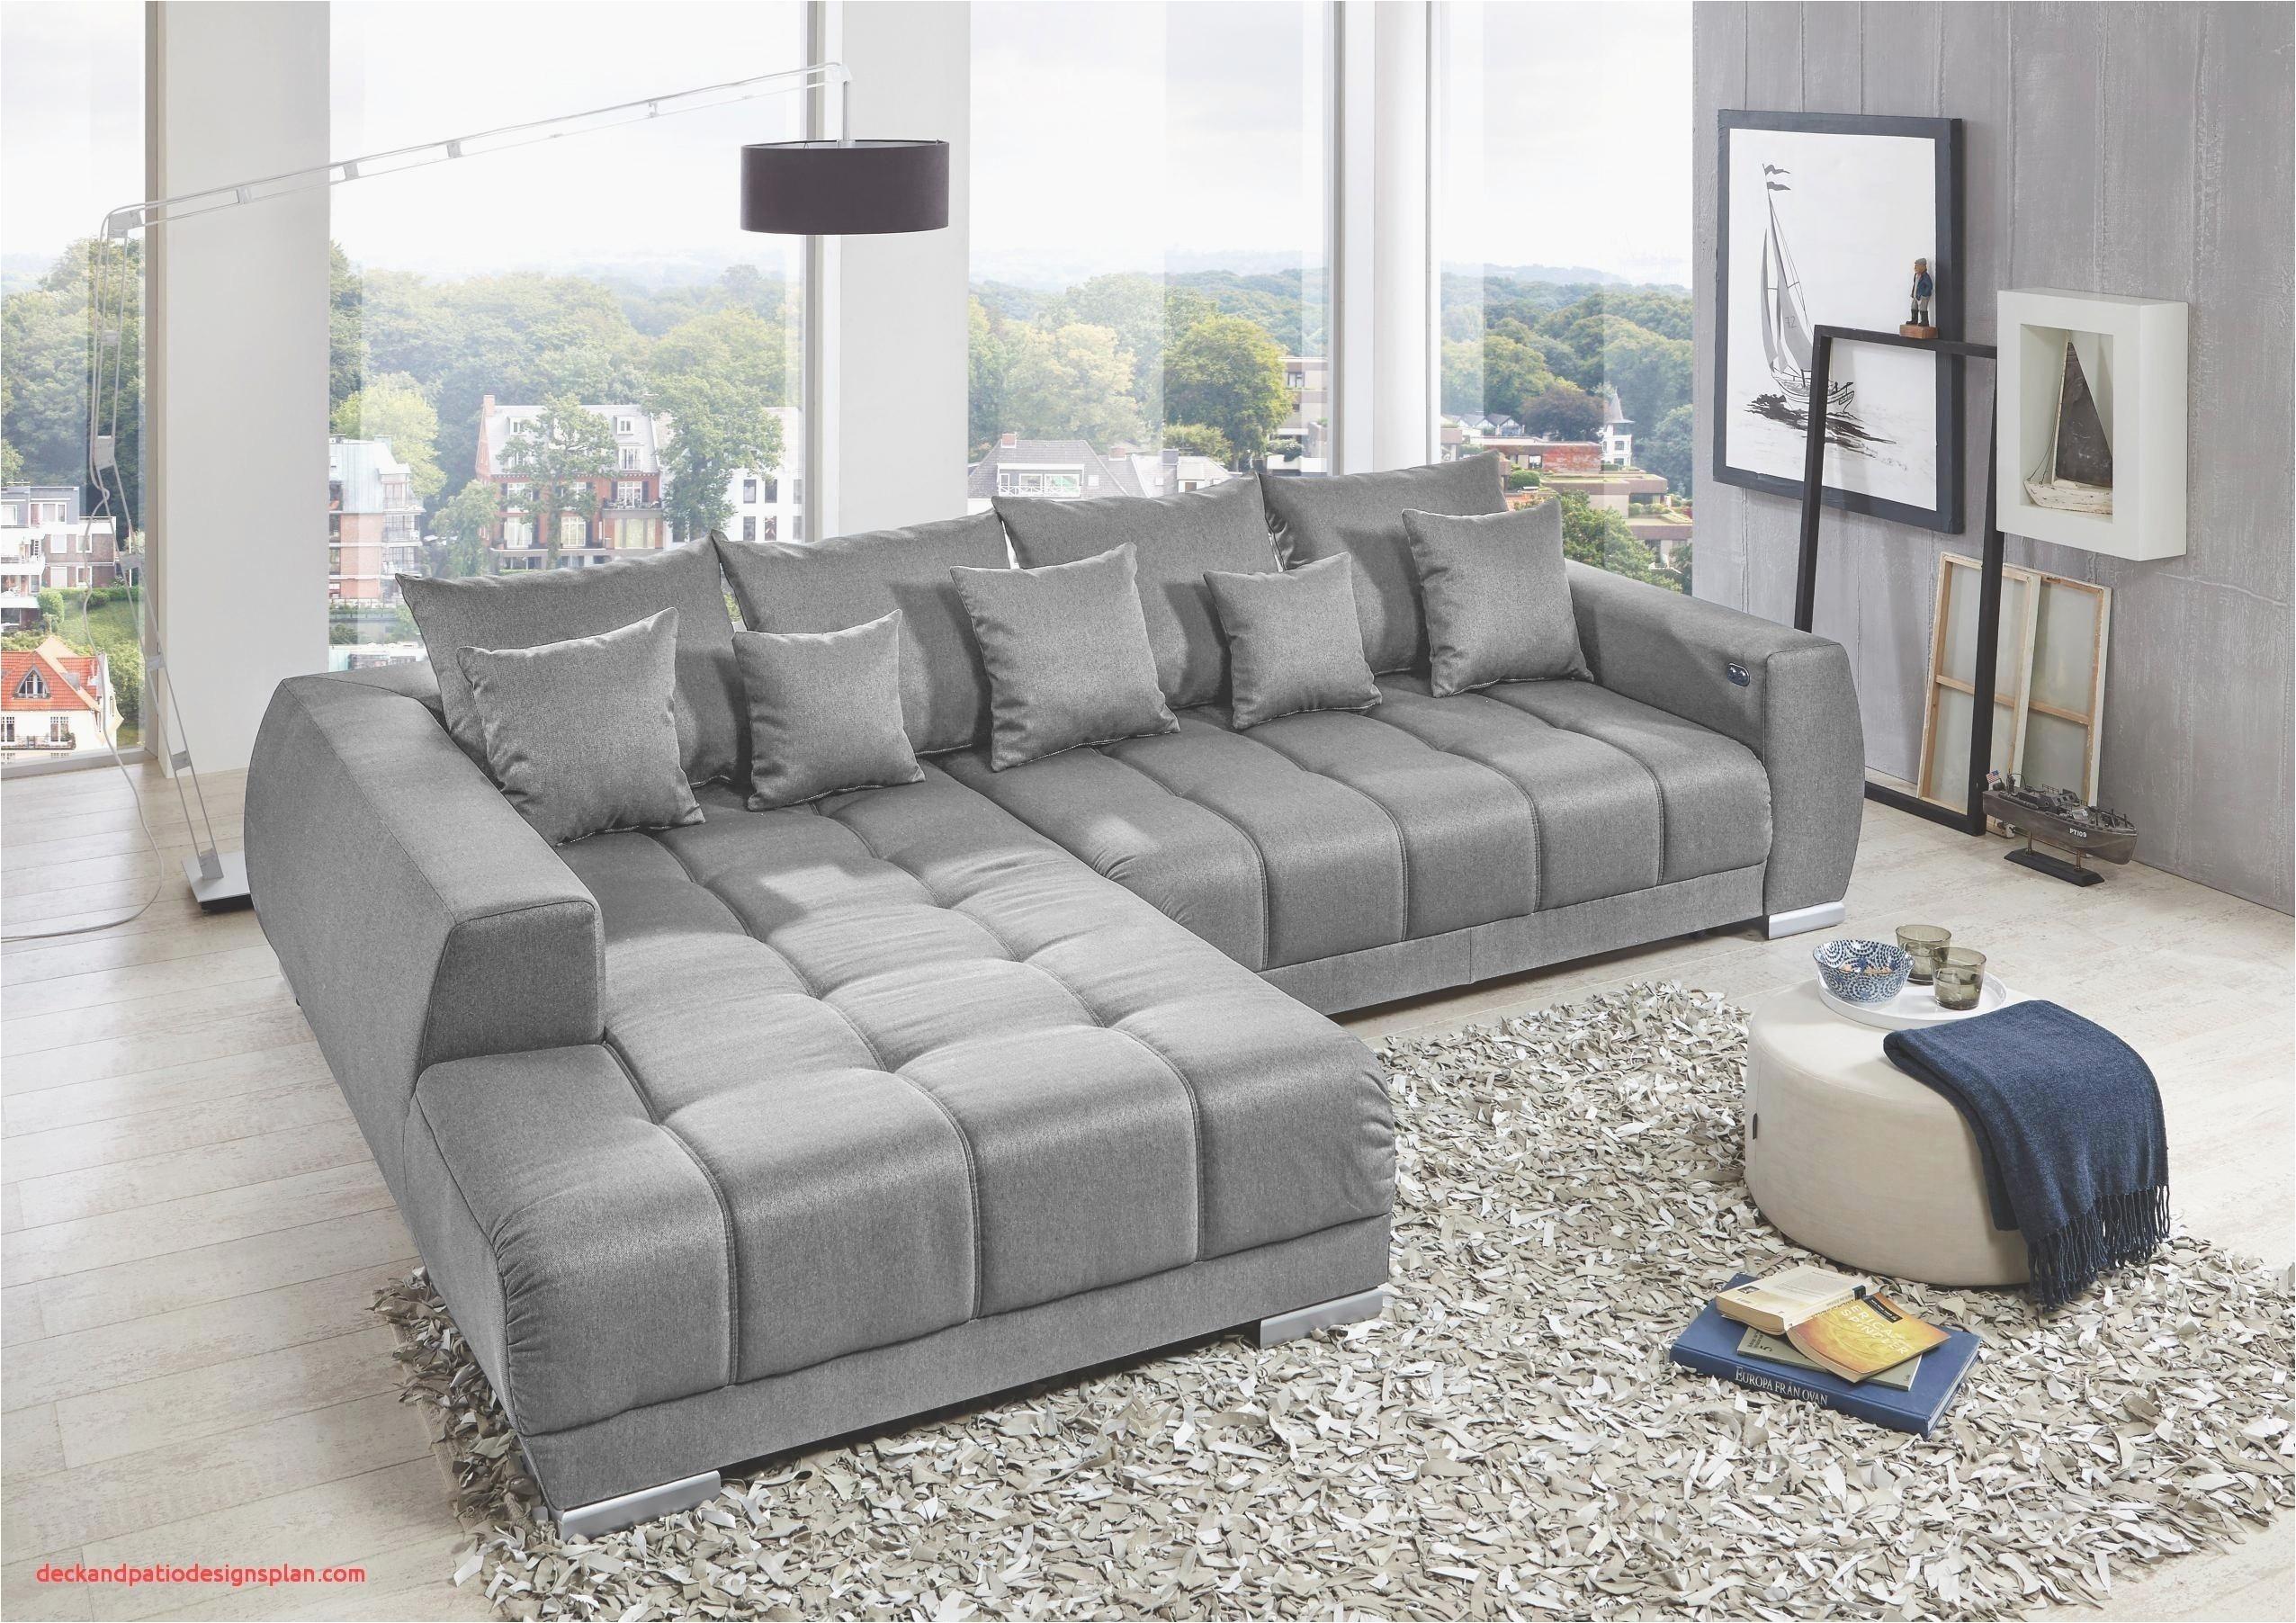 furniture boho bedroom furniture elegant bohemian bedroom decor new bohemian bedroom 0d archives bedroom boho